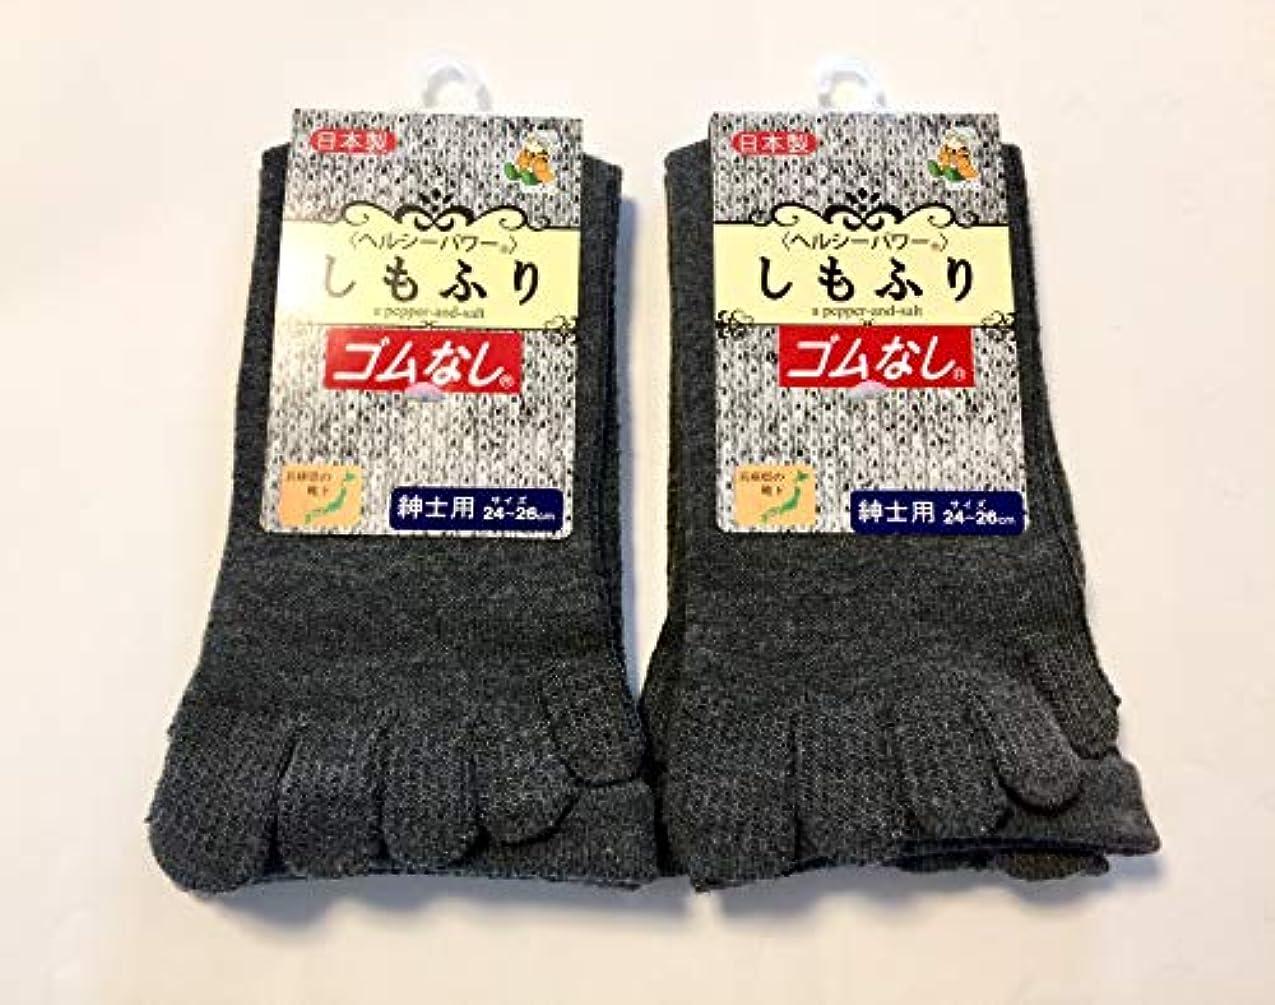 脚本家延期する素子日本製 5本指ソックス メンズ 口ゴムなし しめつけない靴下 24~26cm チャコール2足組